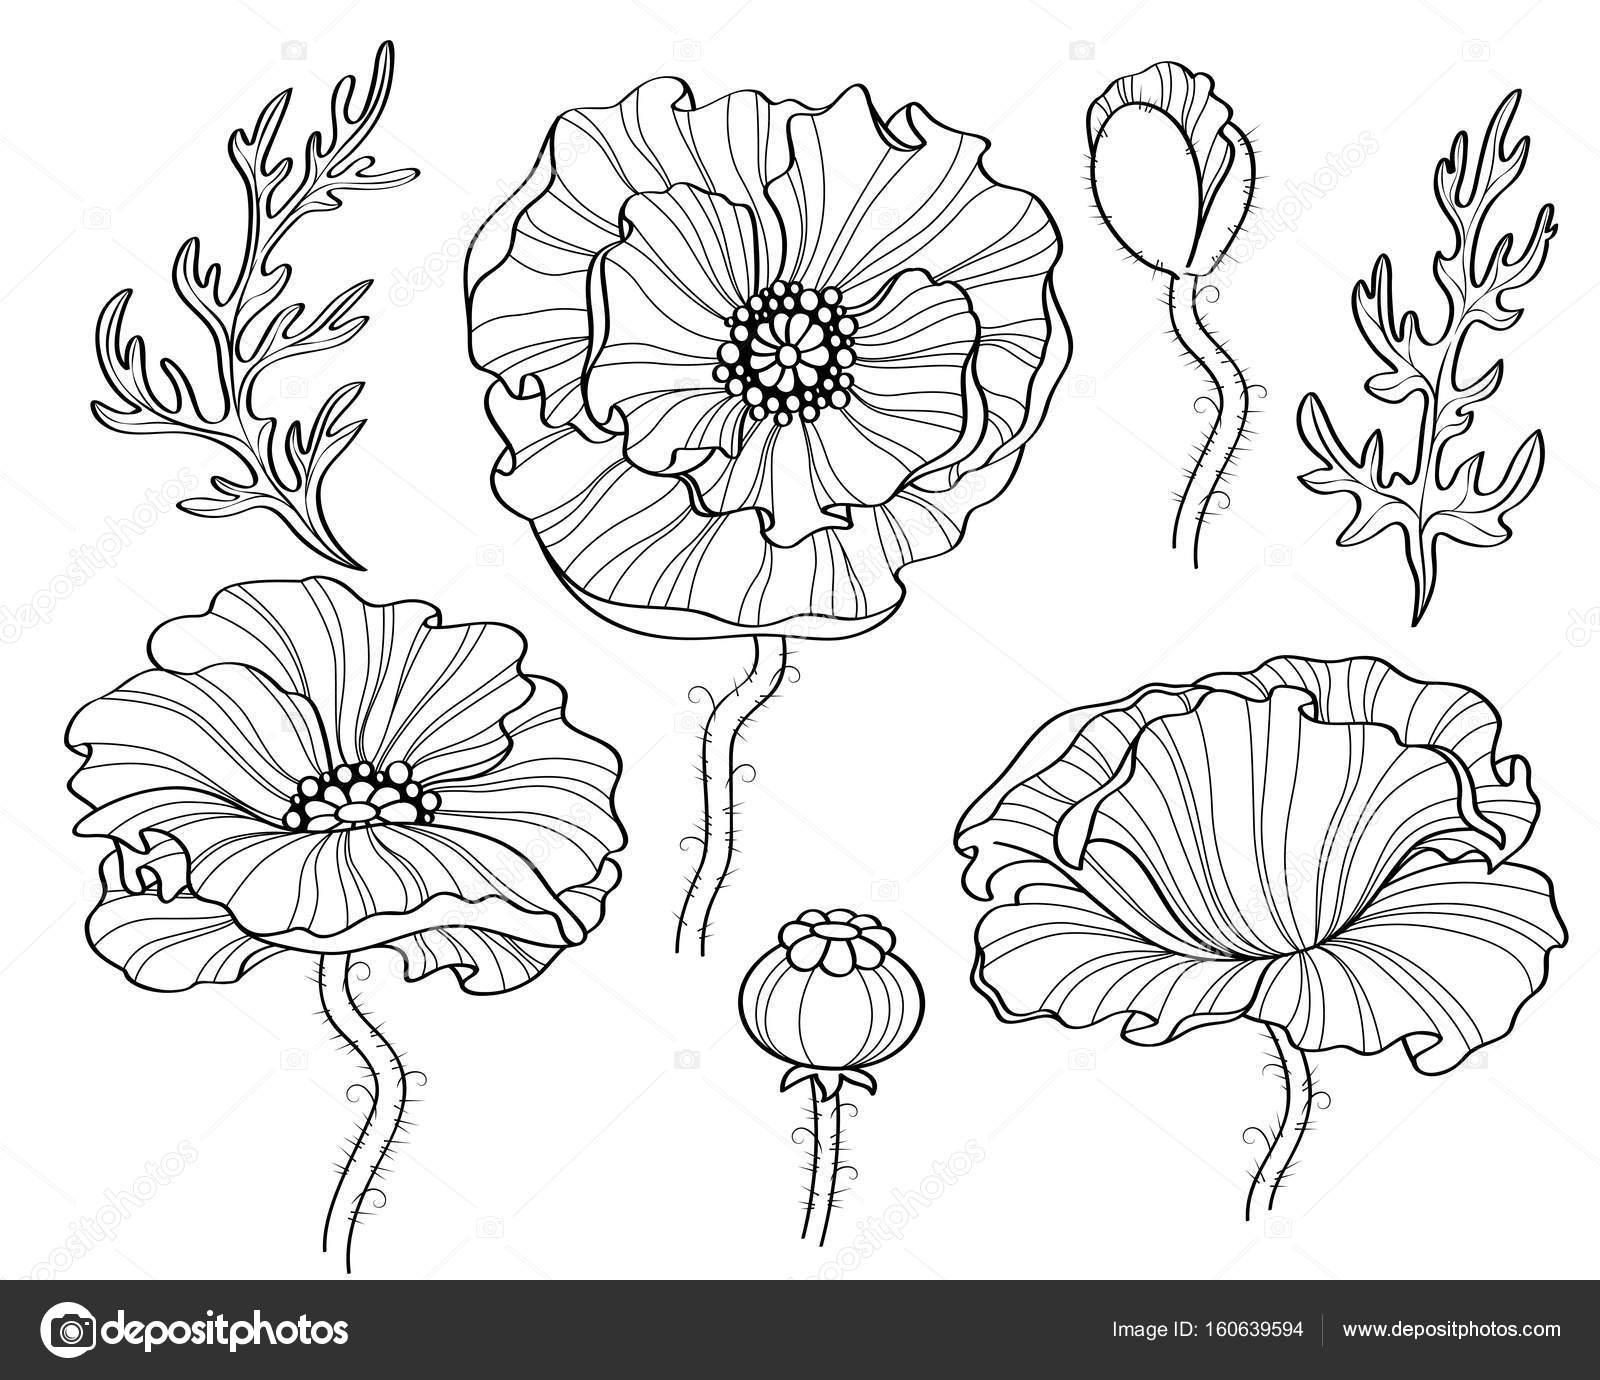 Poppy flowers black and white illustration line art stock vector poppy flowers black and white illustration line art stock vector mightylinksfo